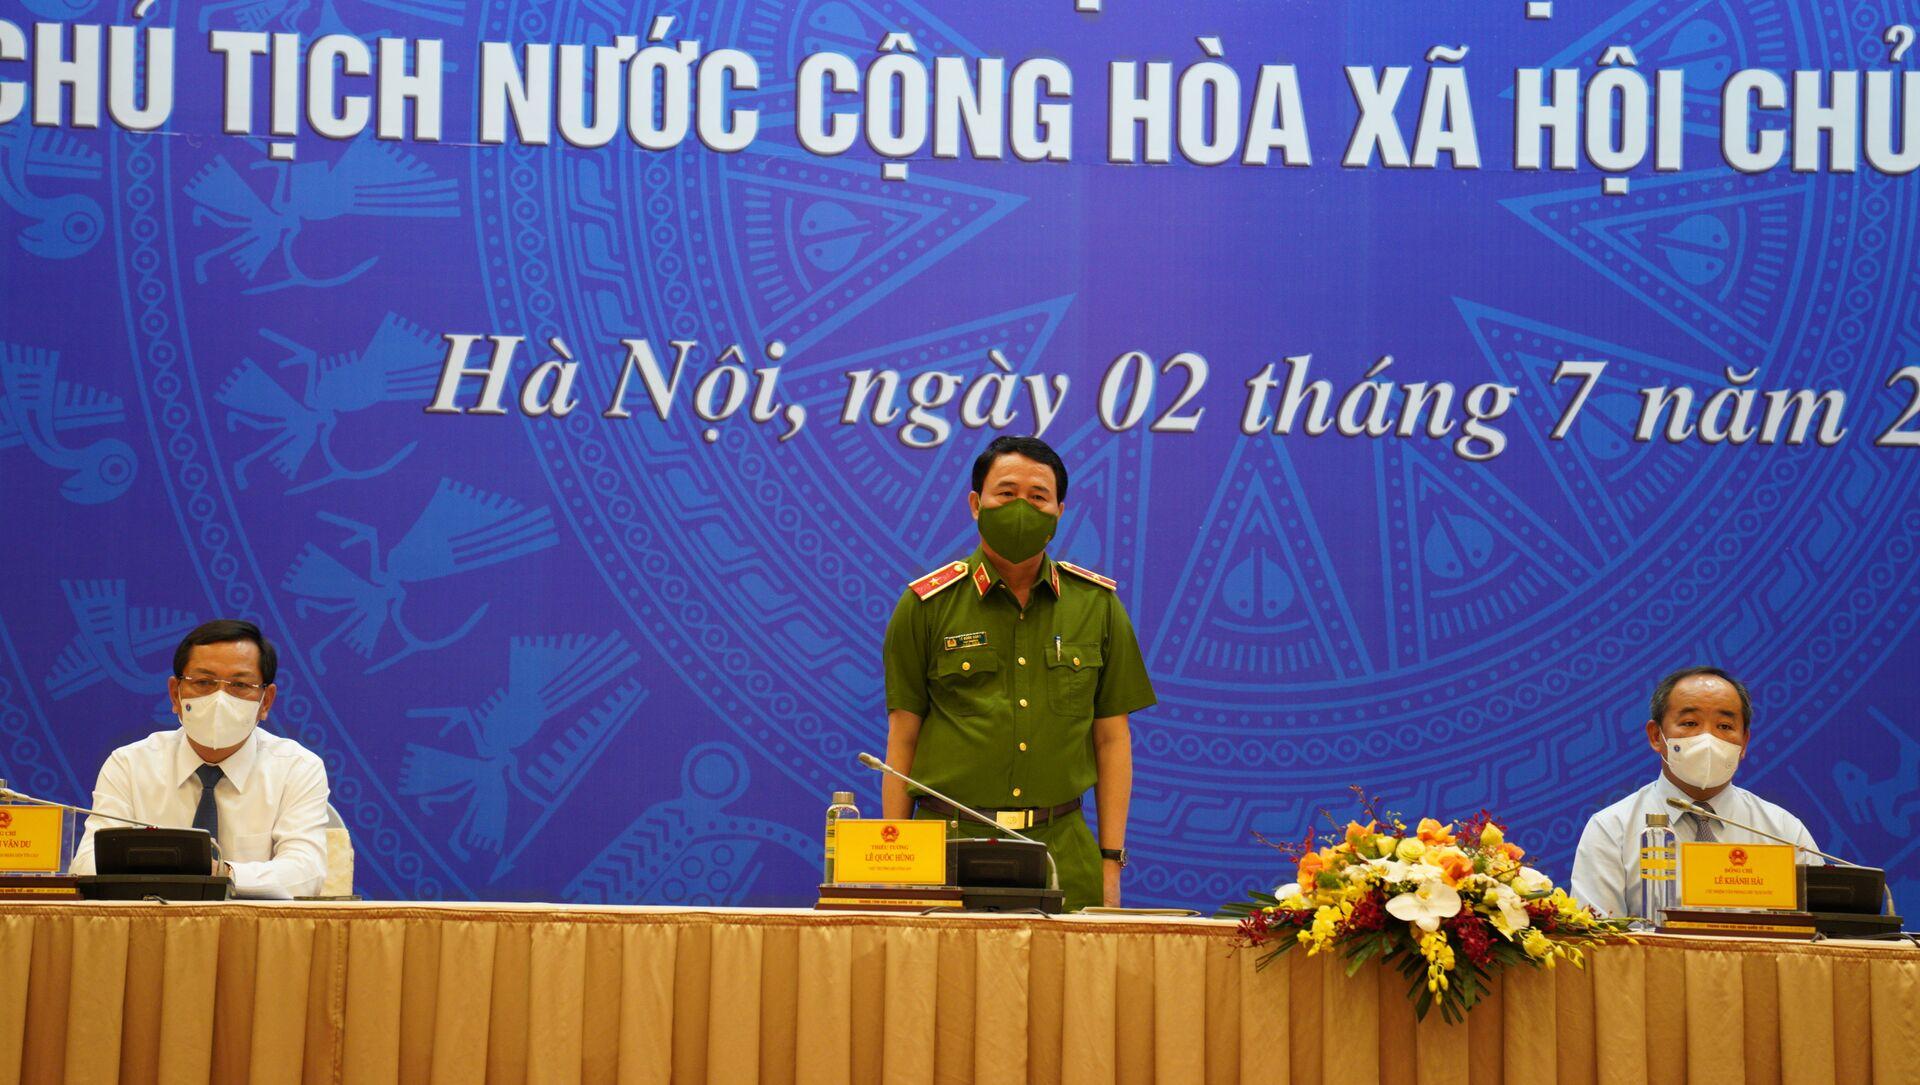 Thiếu tướng Lê Quốc Hùng, Thứ trưởng Bộ Công An - Sputnik Việt Nam, 1920, 02.07.2021